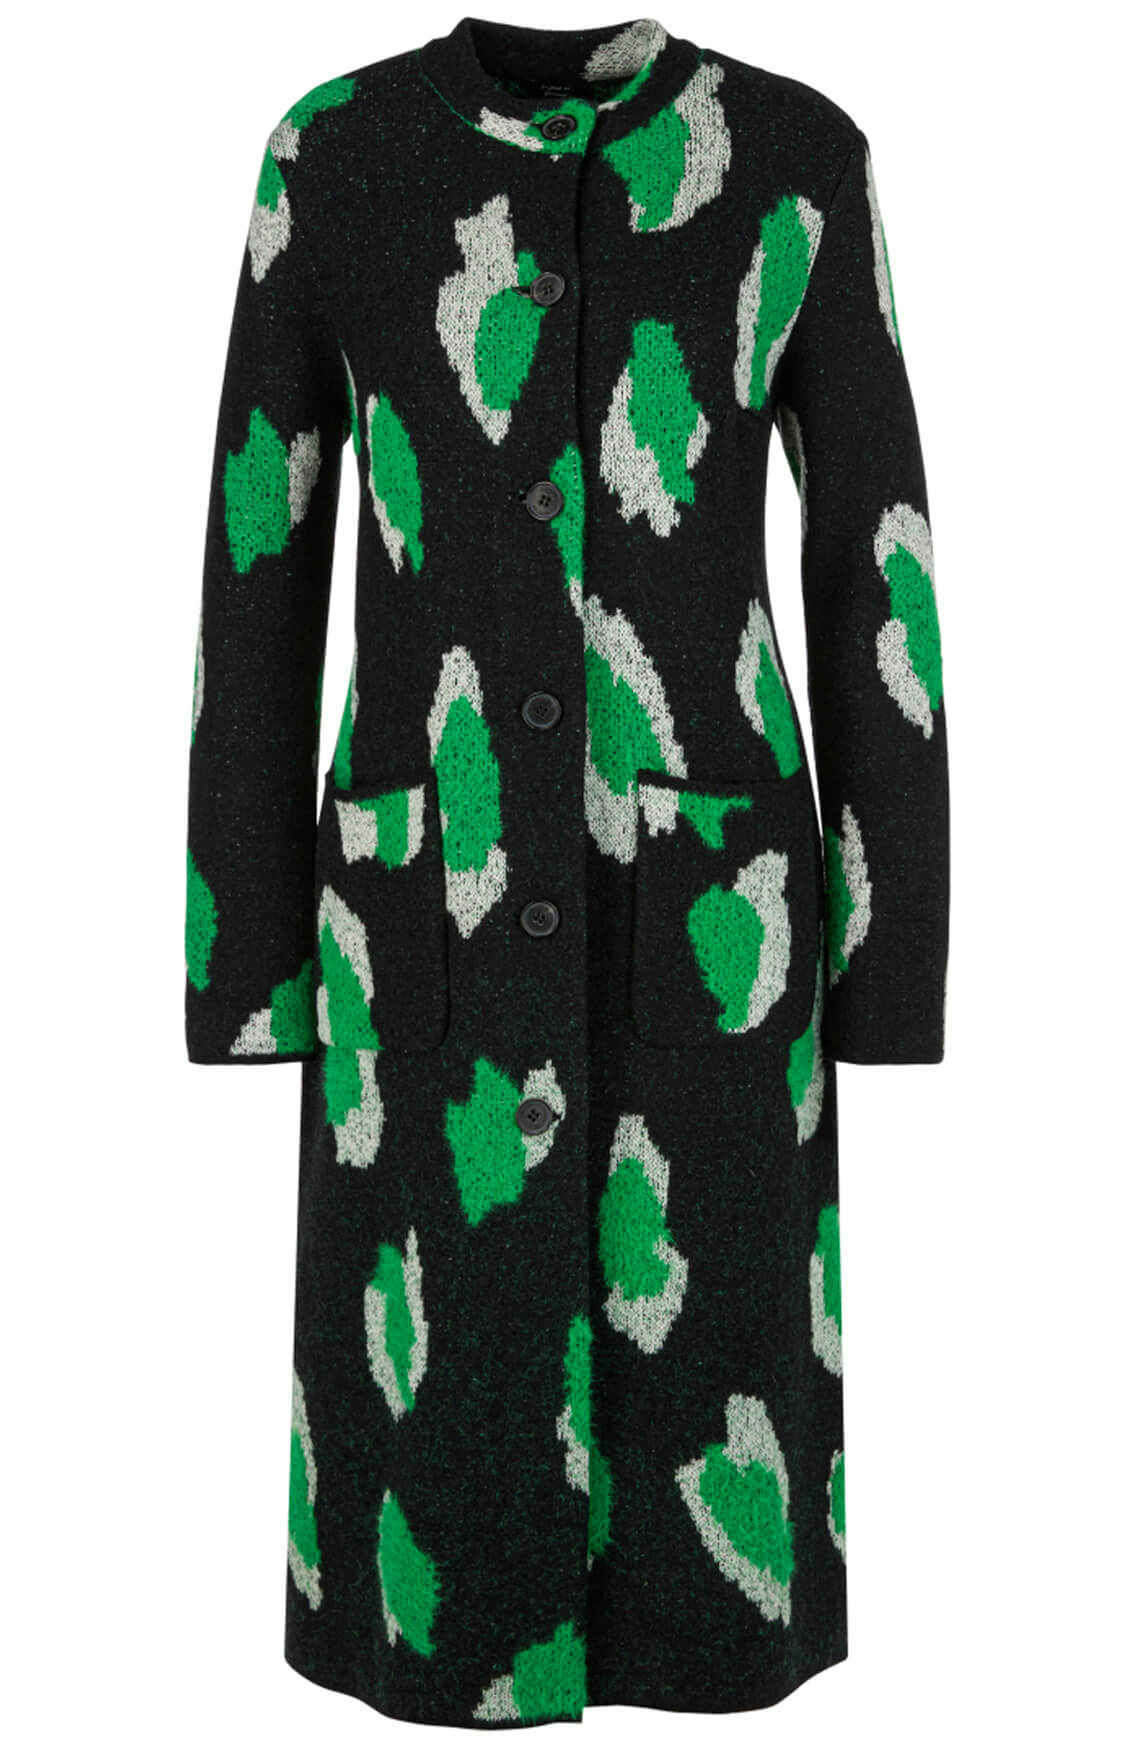 Marccain Dames Gebreid vest groen